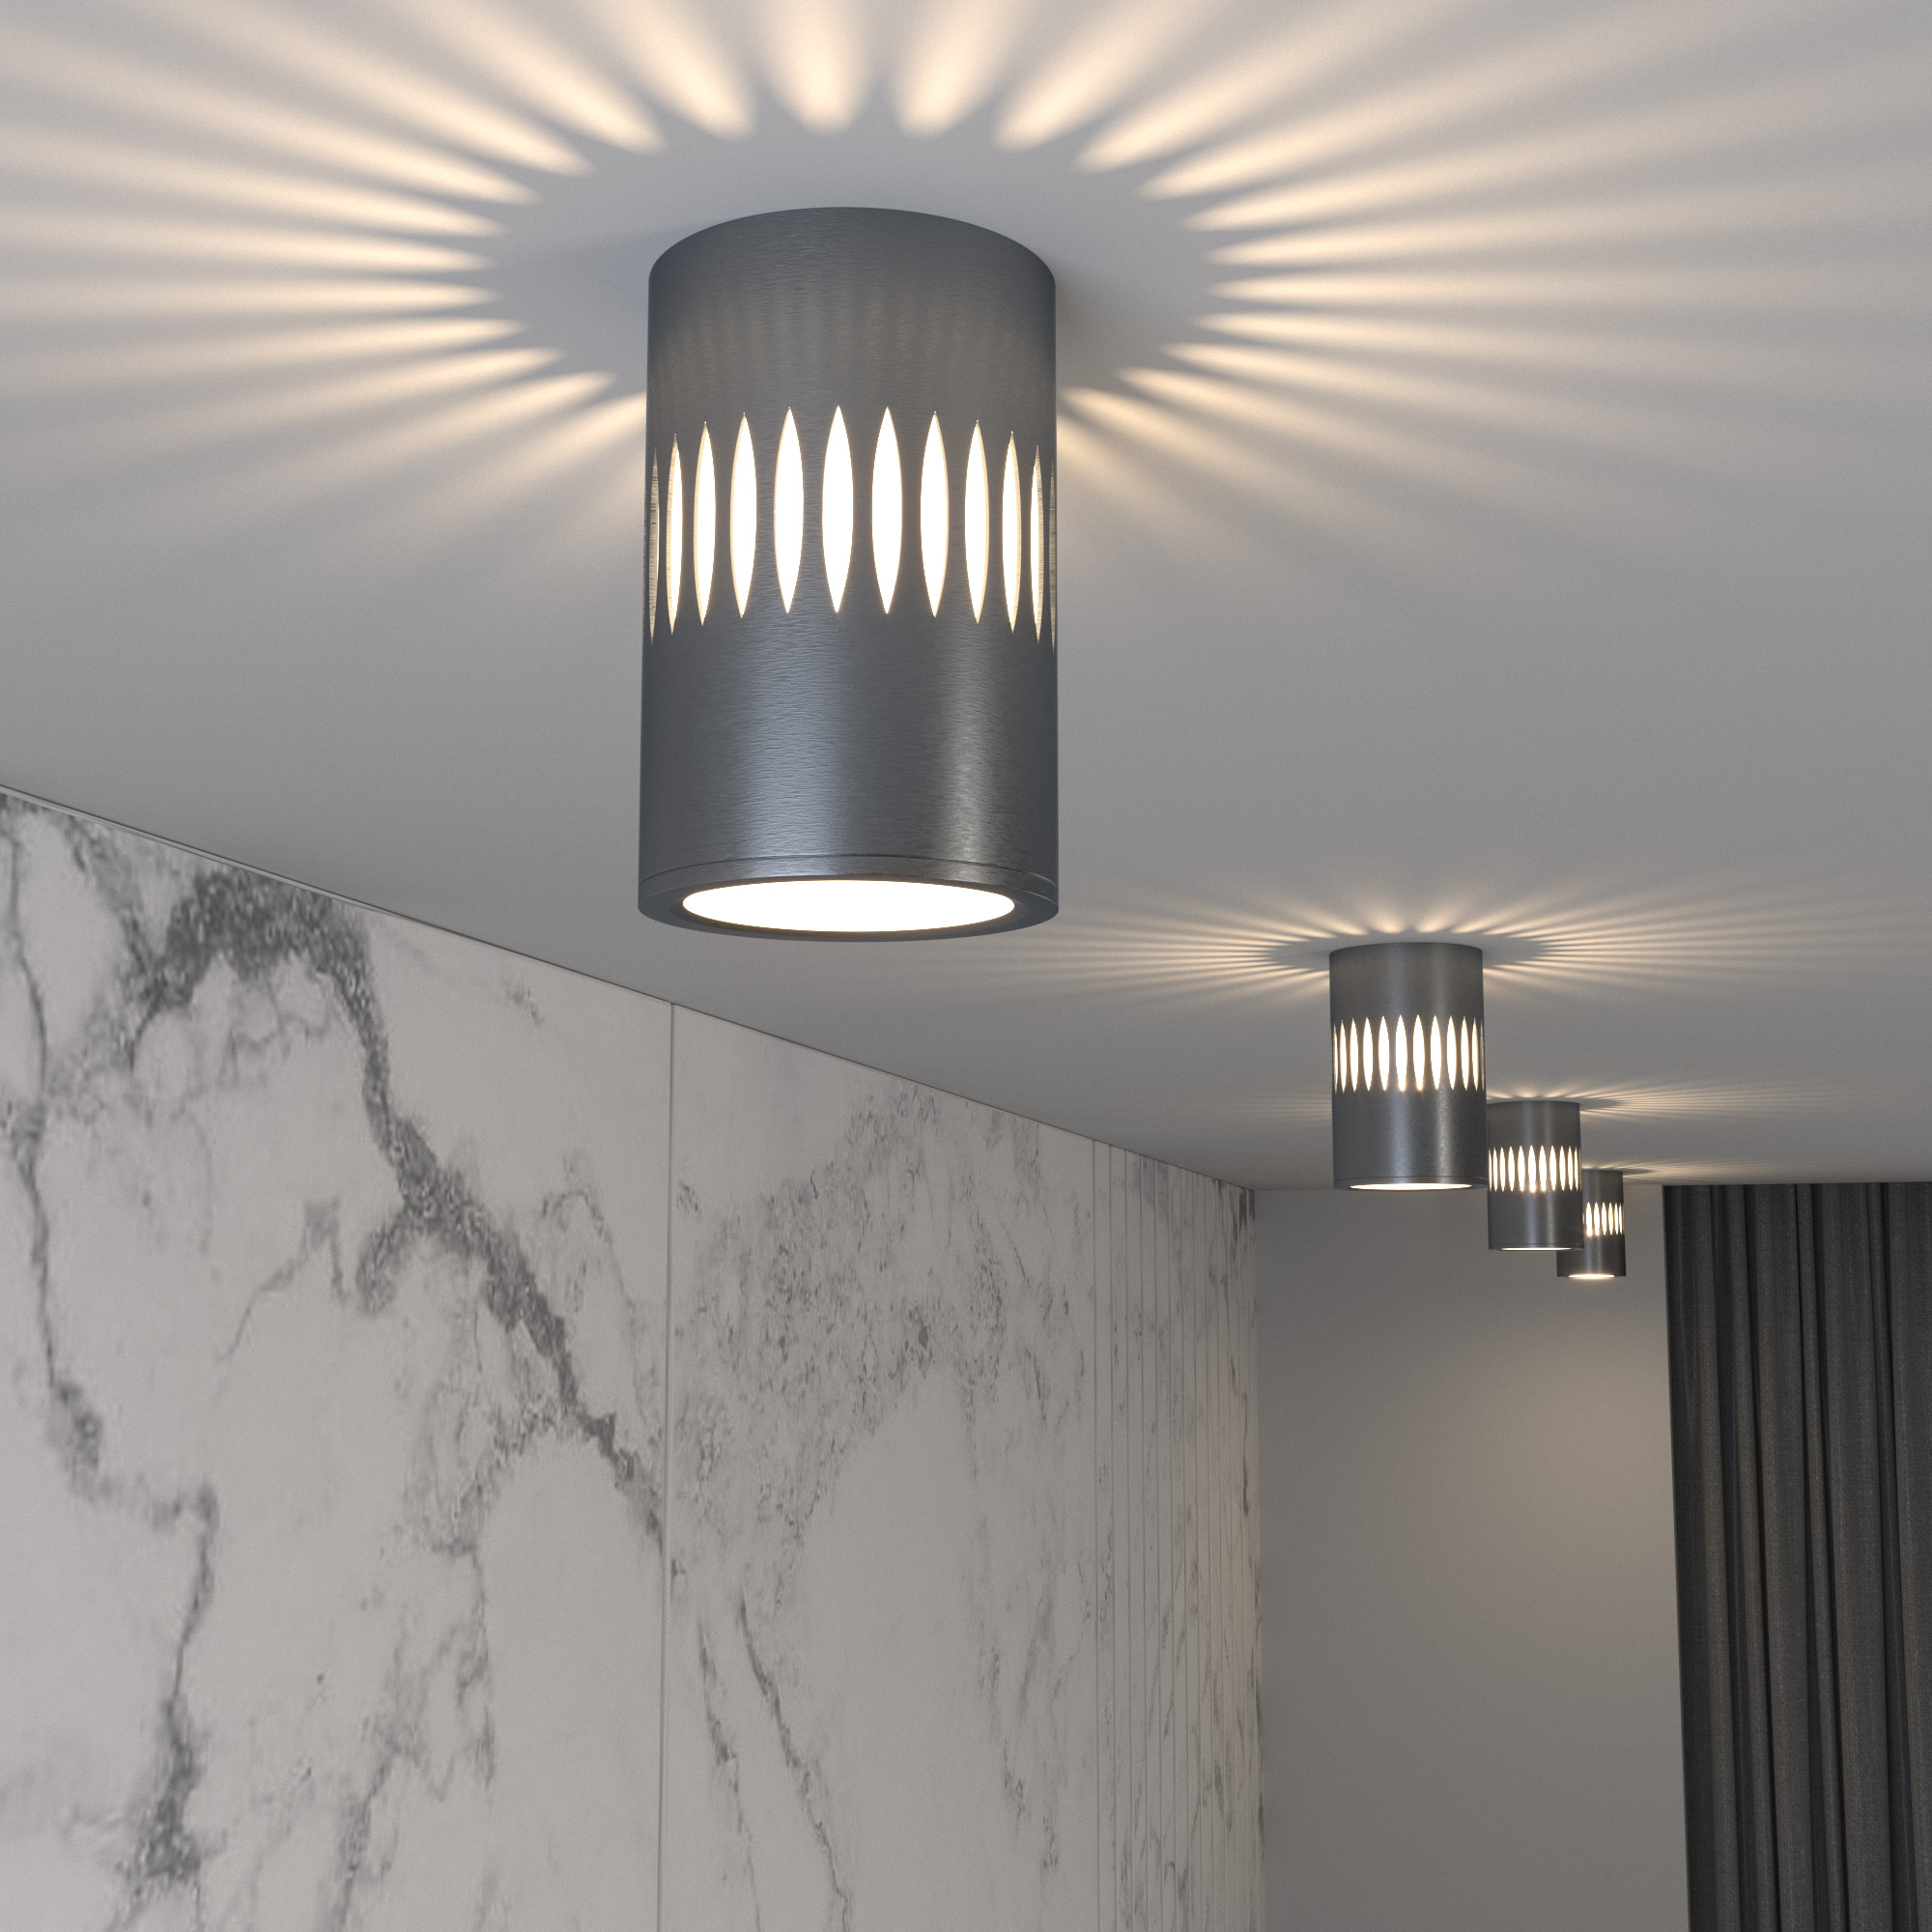 Накладной светодиодный светильник с подсветкой графит DLS026